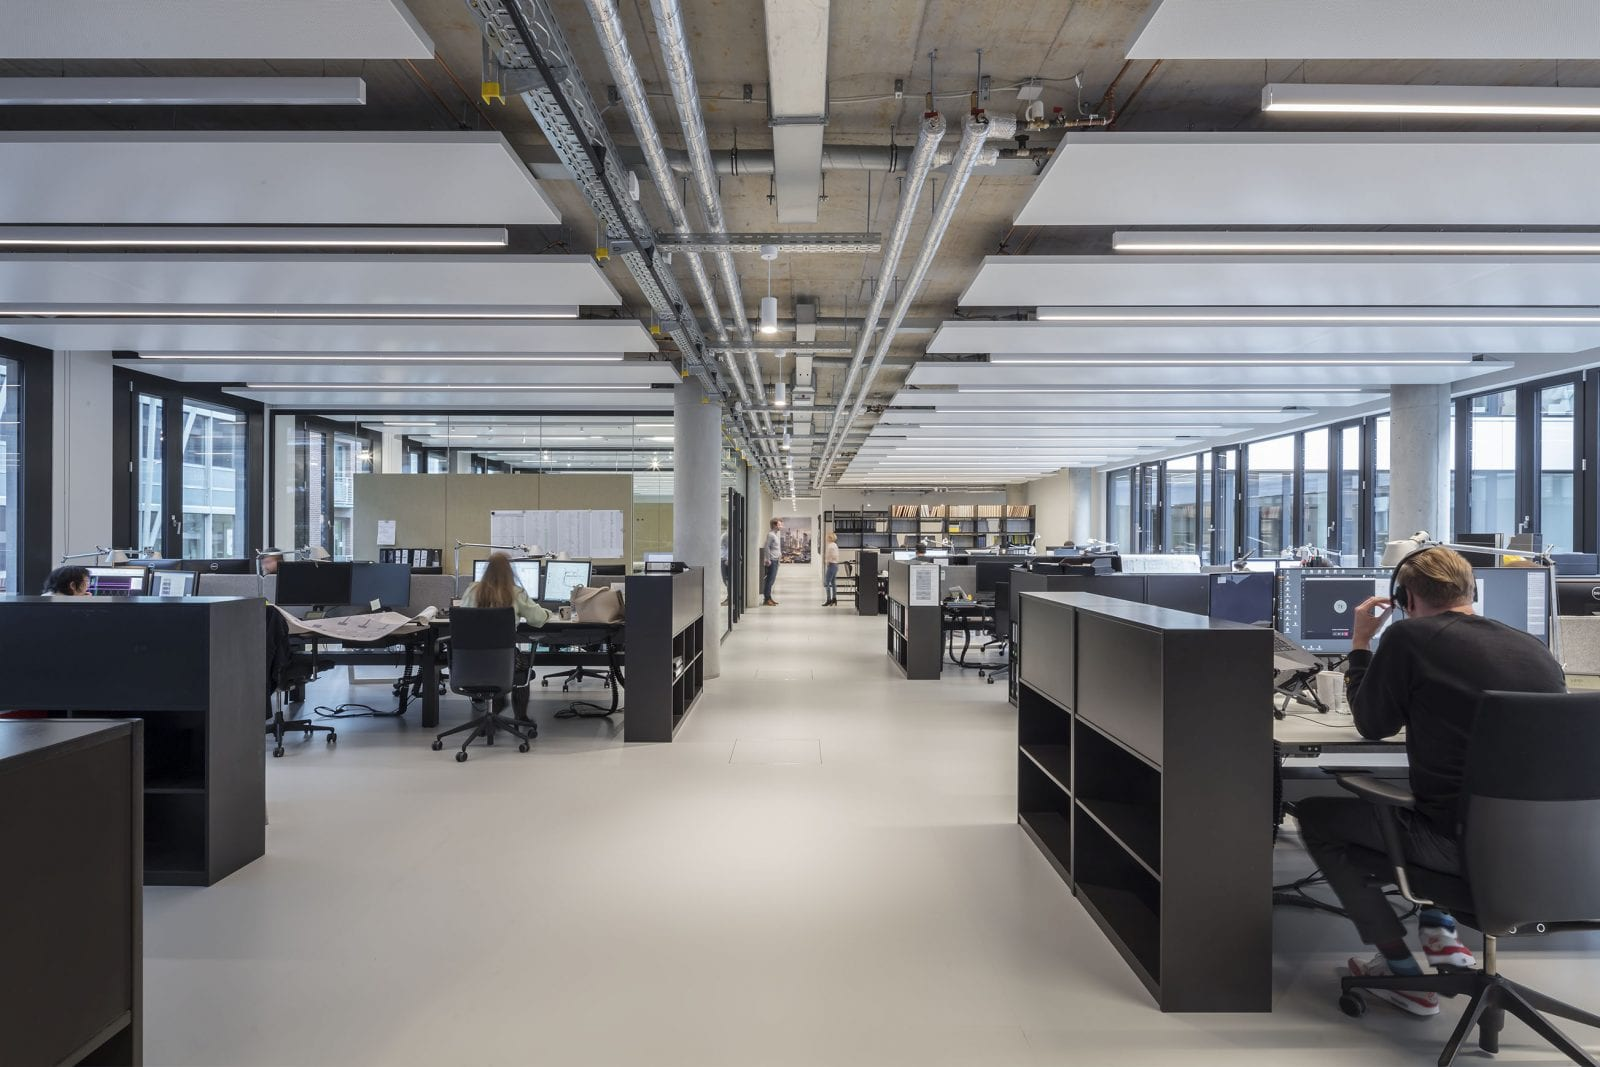 Offene Decken mit abgehängten Kühl- und Akustiksegeln über den Arbeitsplätzen (HPP Architekten / Foto: Ralph Richter)